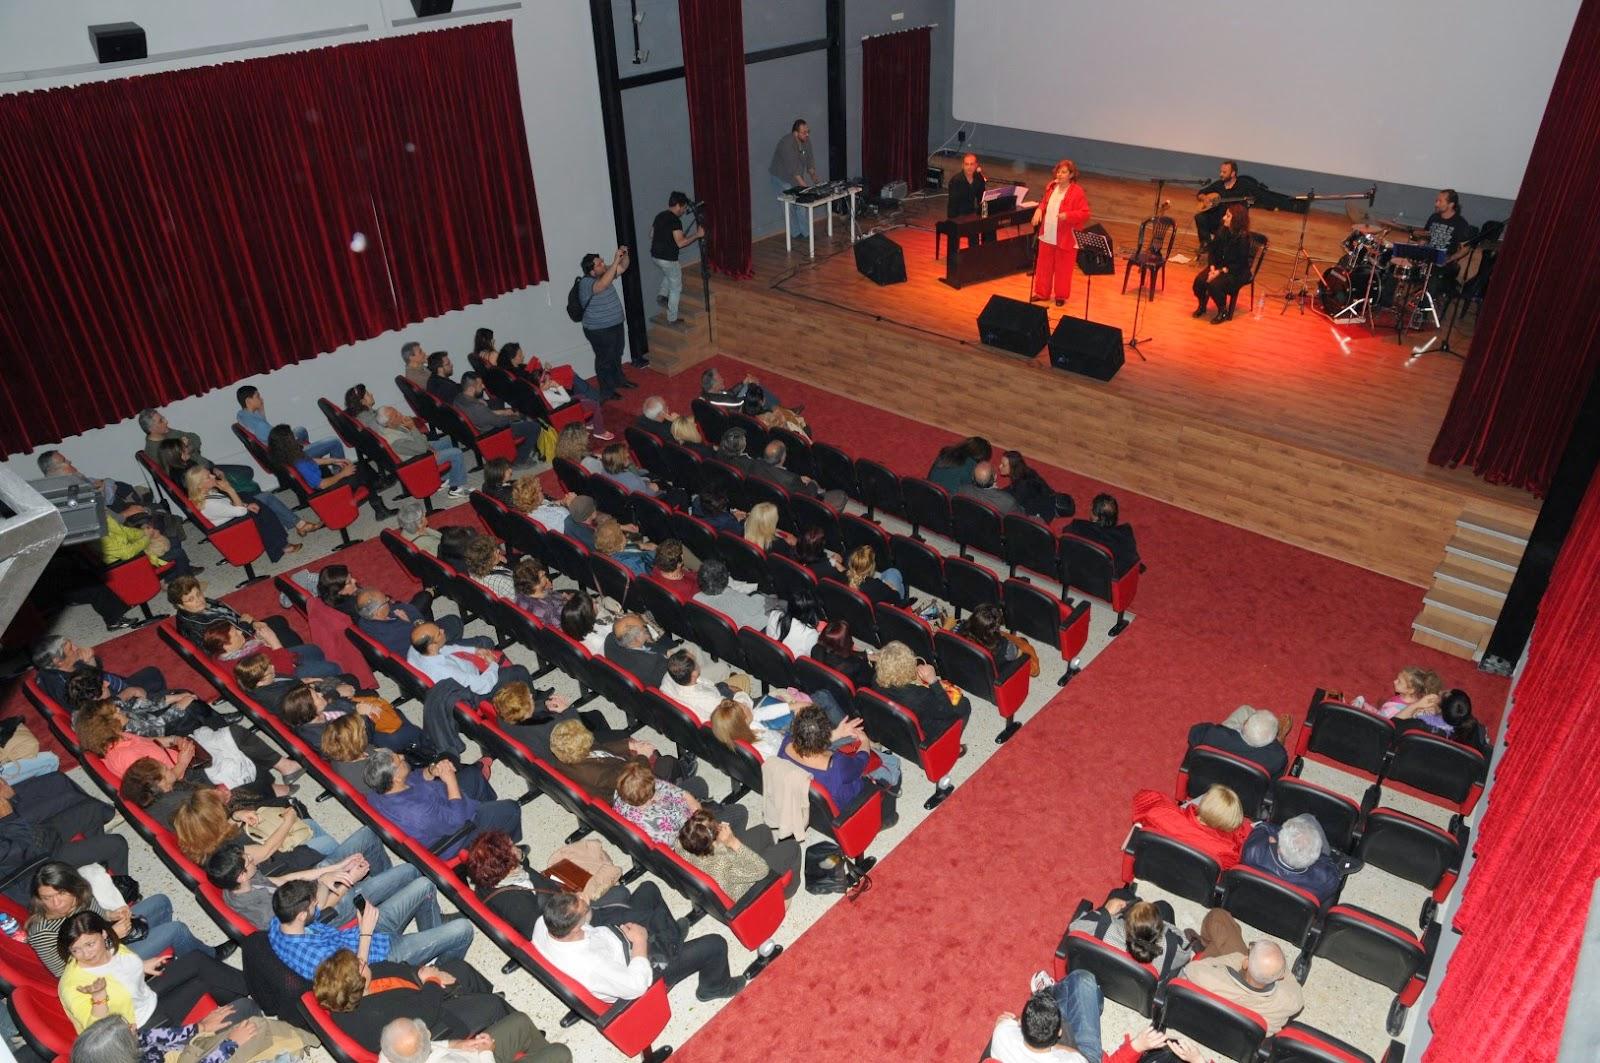 Διαλέξεις, σεμινάρια και καλλιτεχνικό πρόγραμμα όπερας στο Περιστέρι